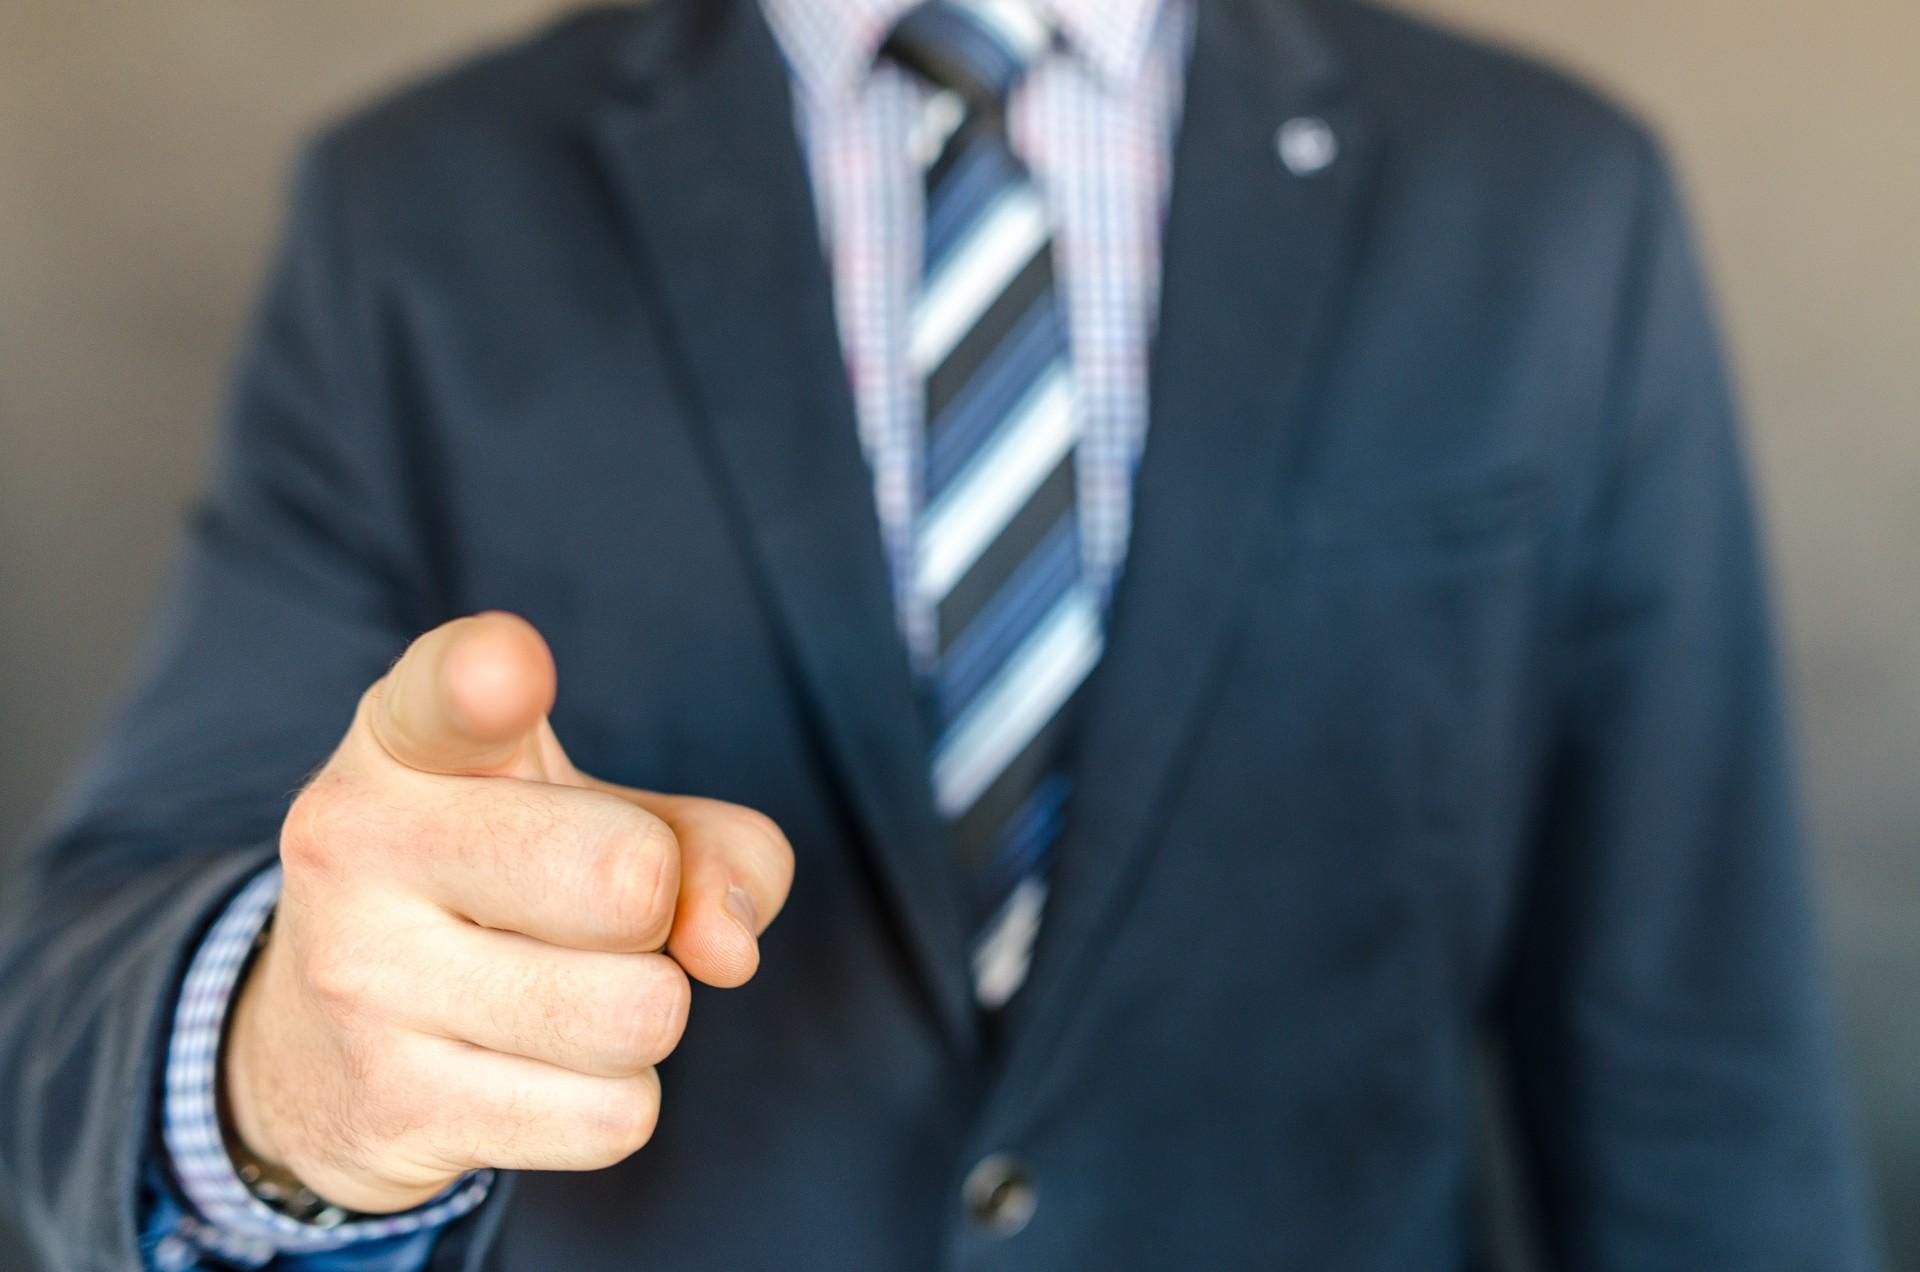 Dumme Chefsprüche - und schlagkräftige Antworten dafür